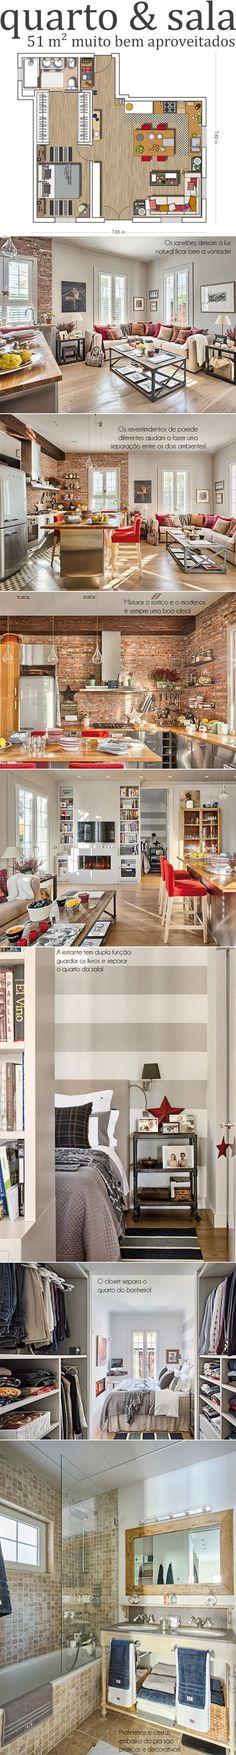 Departamento de una habitación, sala y cocina en 51 m2 #cocinaspequeñasdepartamento #cocinasmodernasblancas